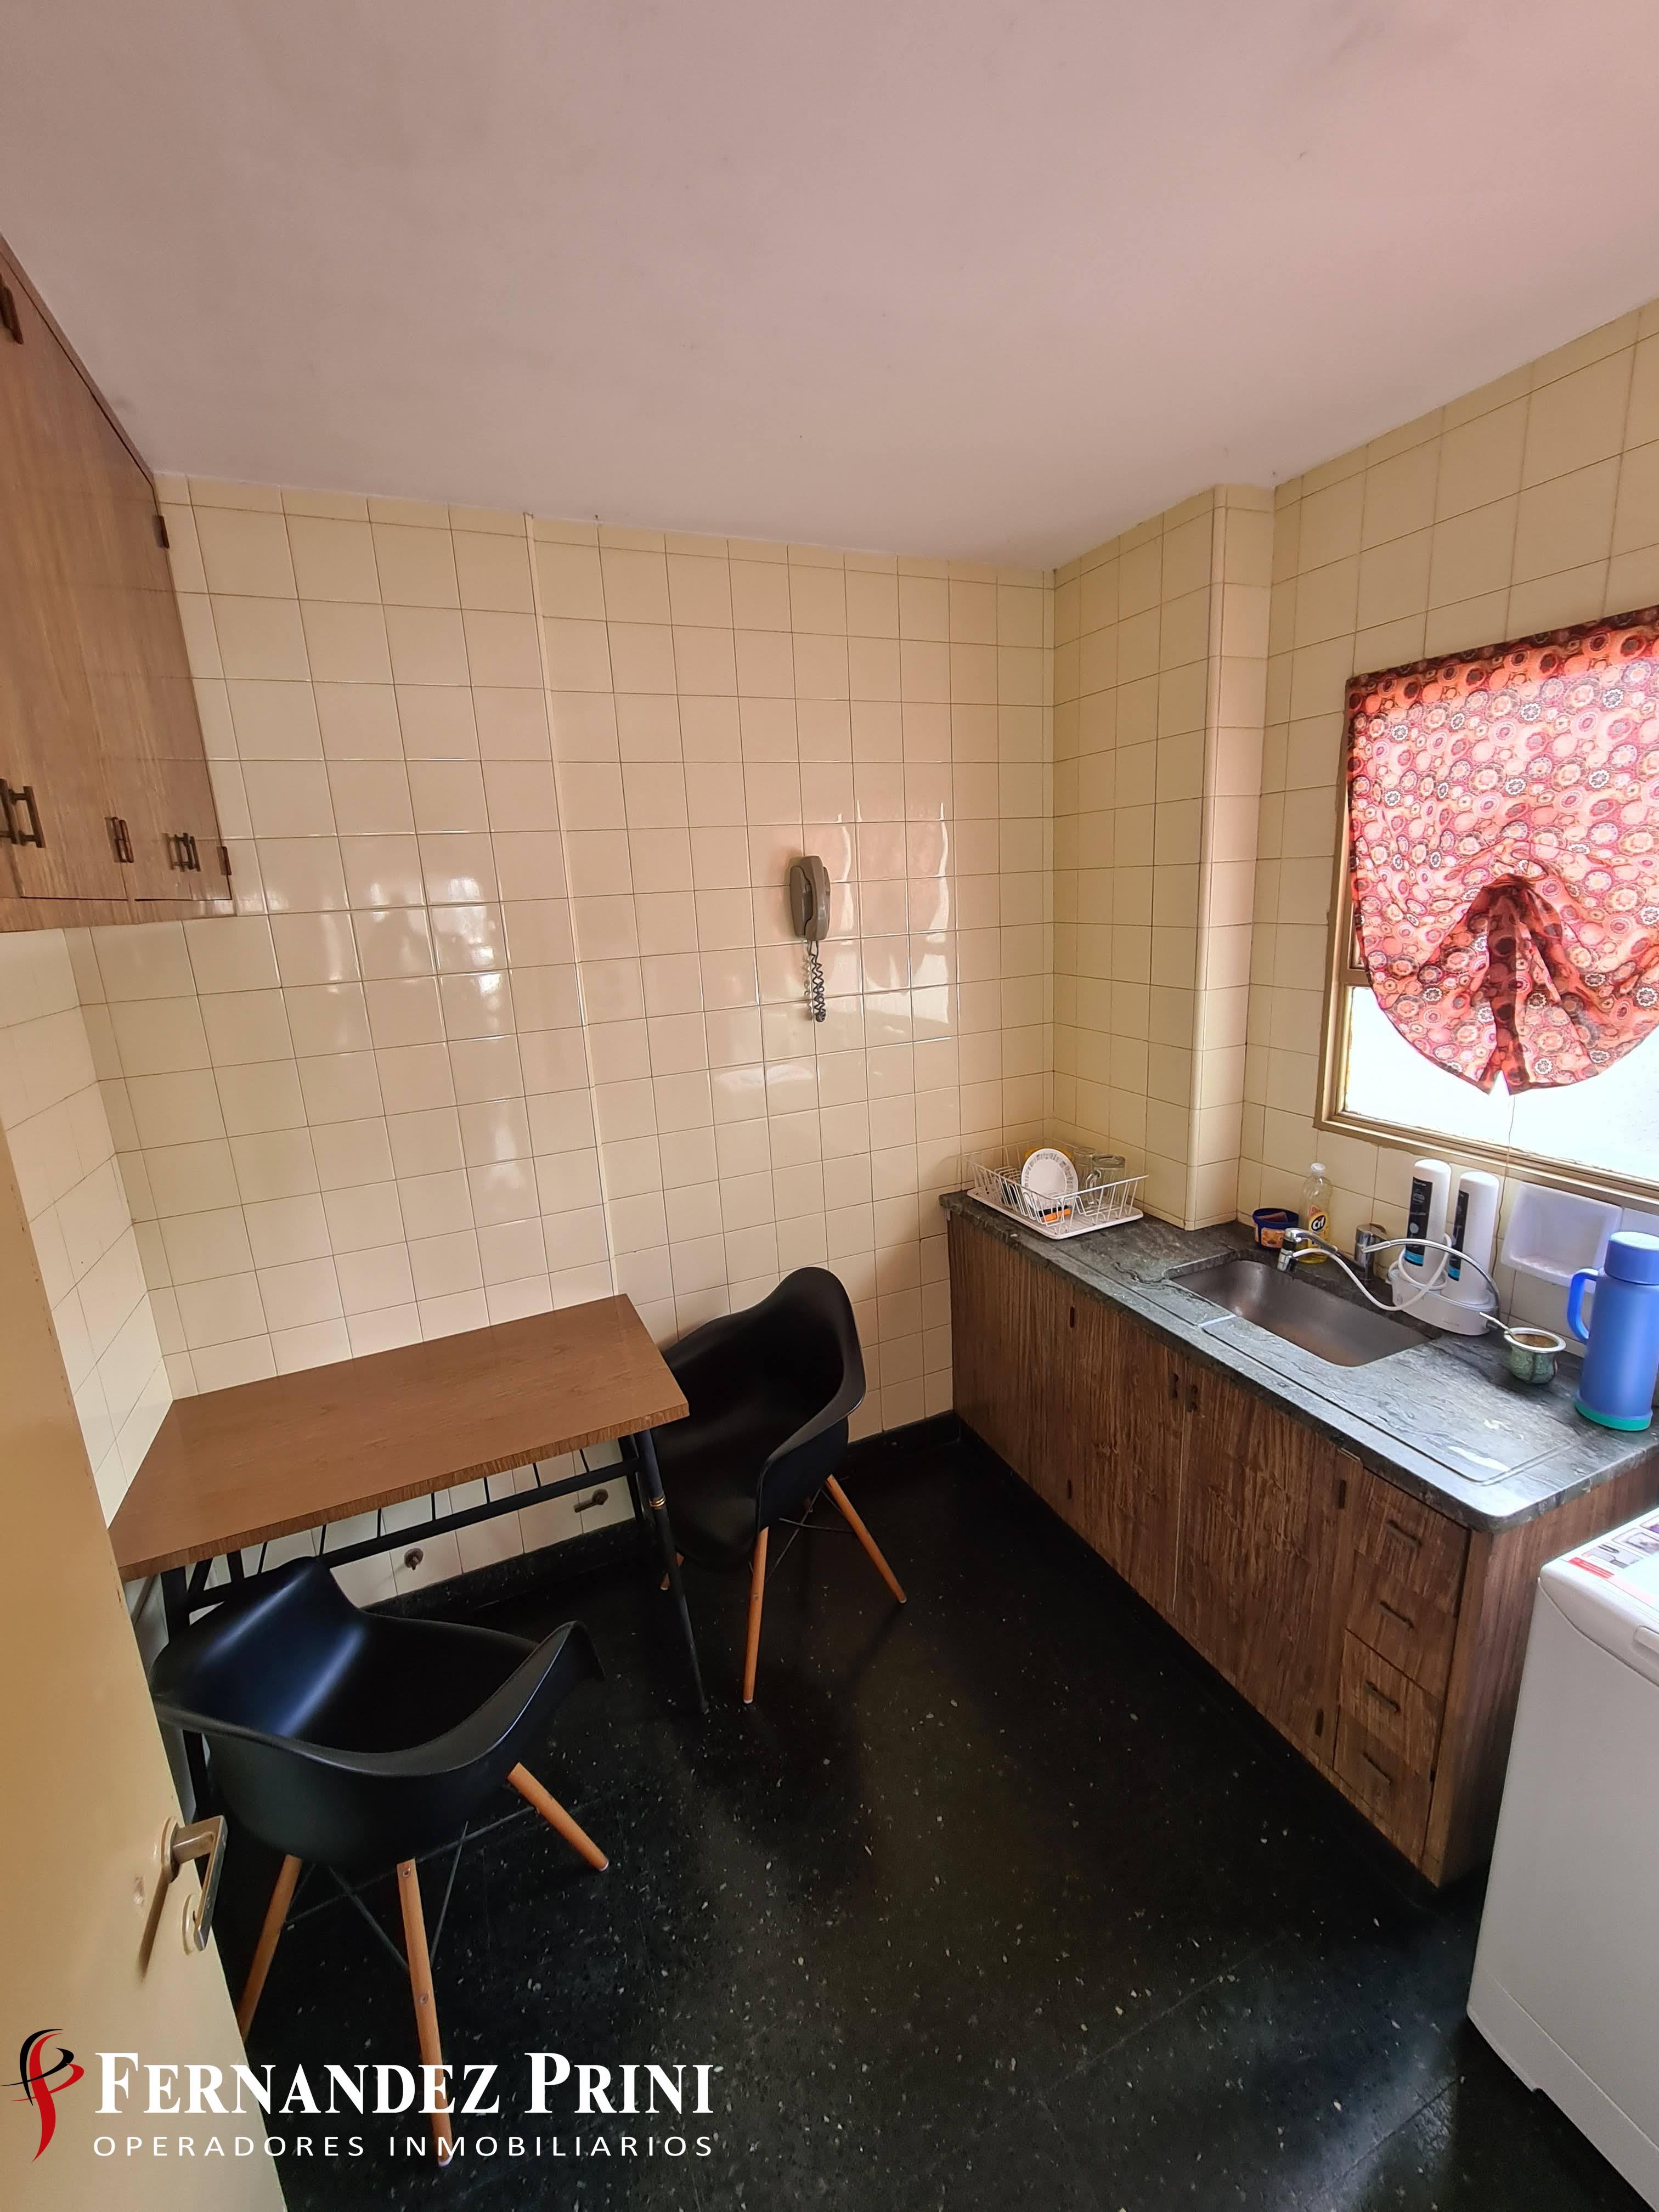 Av. Corrientes 1250, San Nicolás, 1 Habitación Habitaciones, 2 Ambientes Ambientes,1 BañoBaños,Departamento,Venta,Av. Corrientes 1250, San Nicolás,13,1103